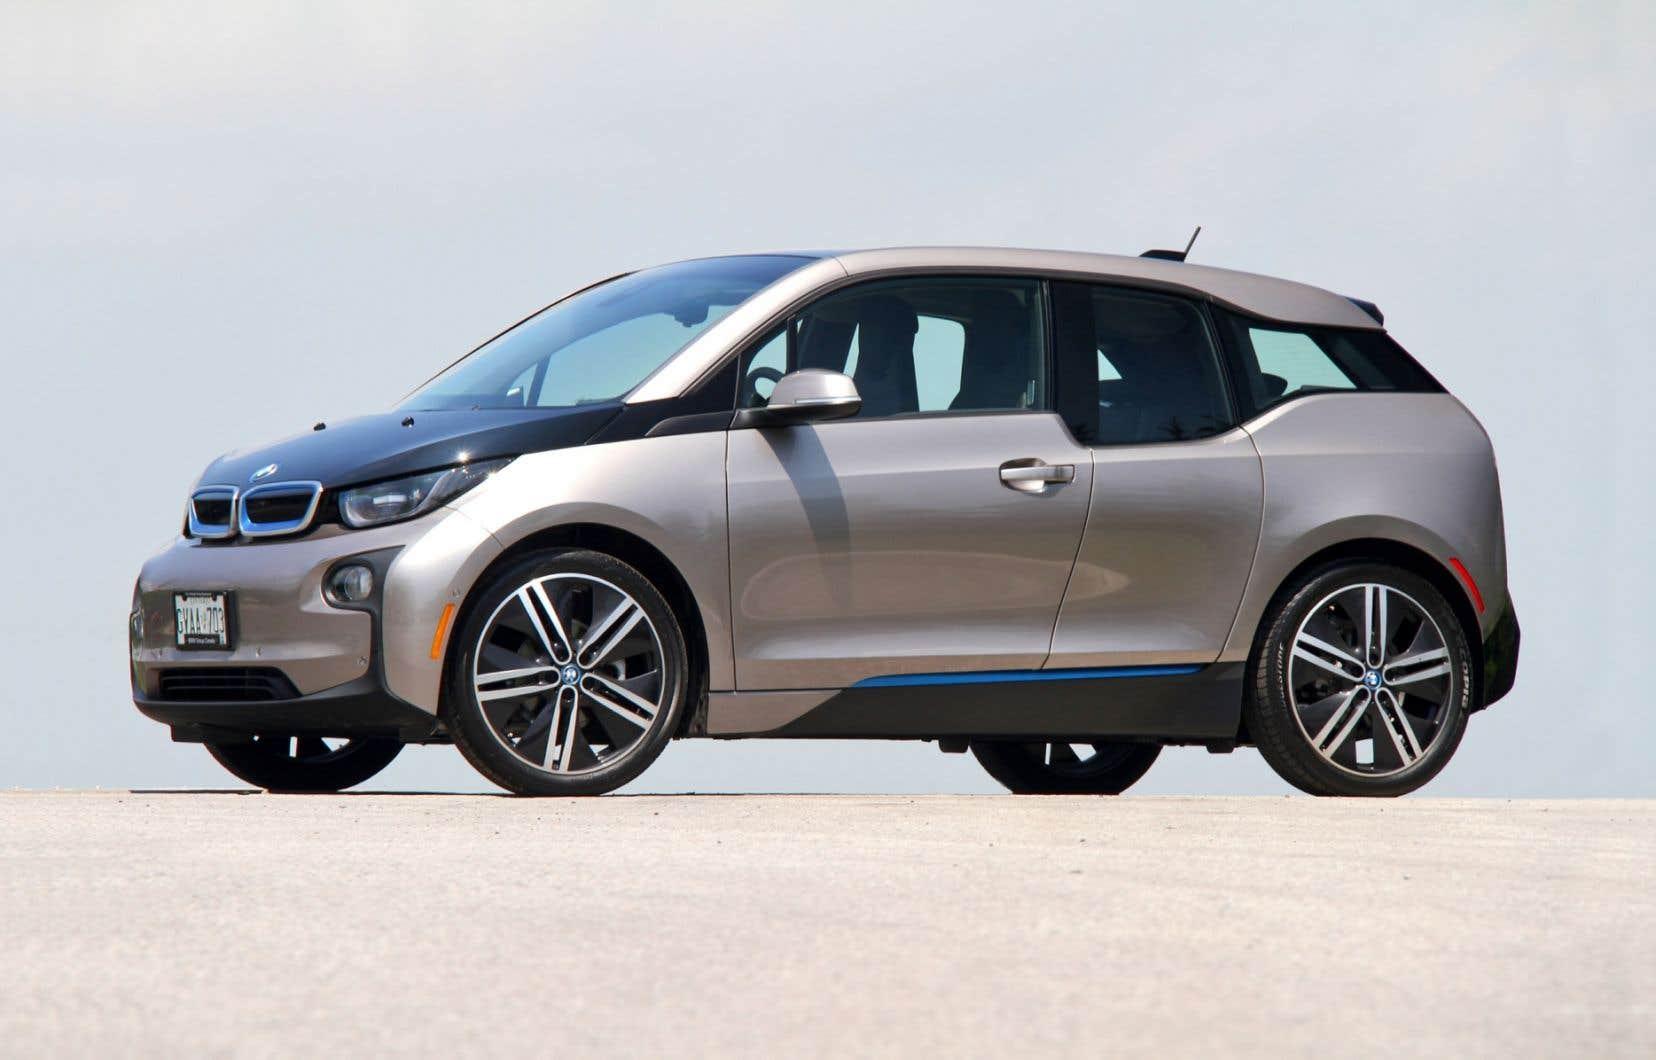 La petite BMW i3 est une citadine de conception ultramoderne que le constructeur allemand propose en deux versions: électrique et hybride.